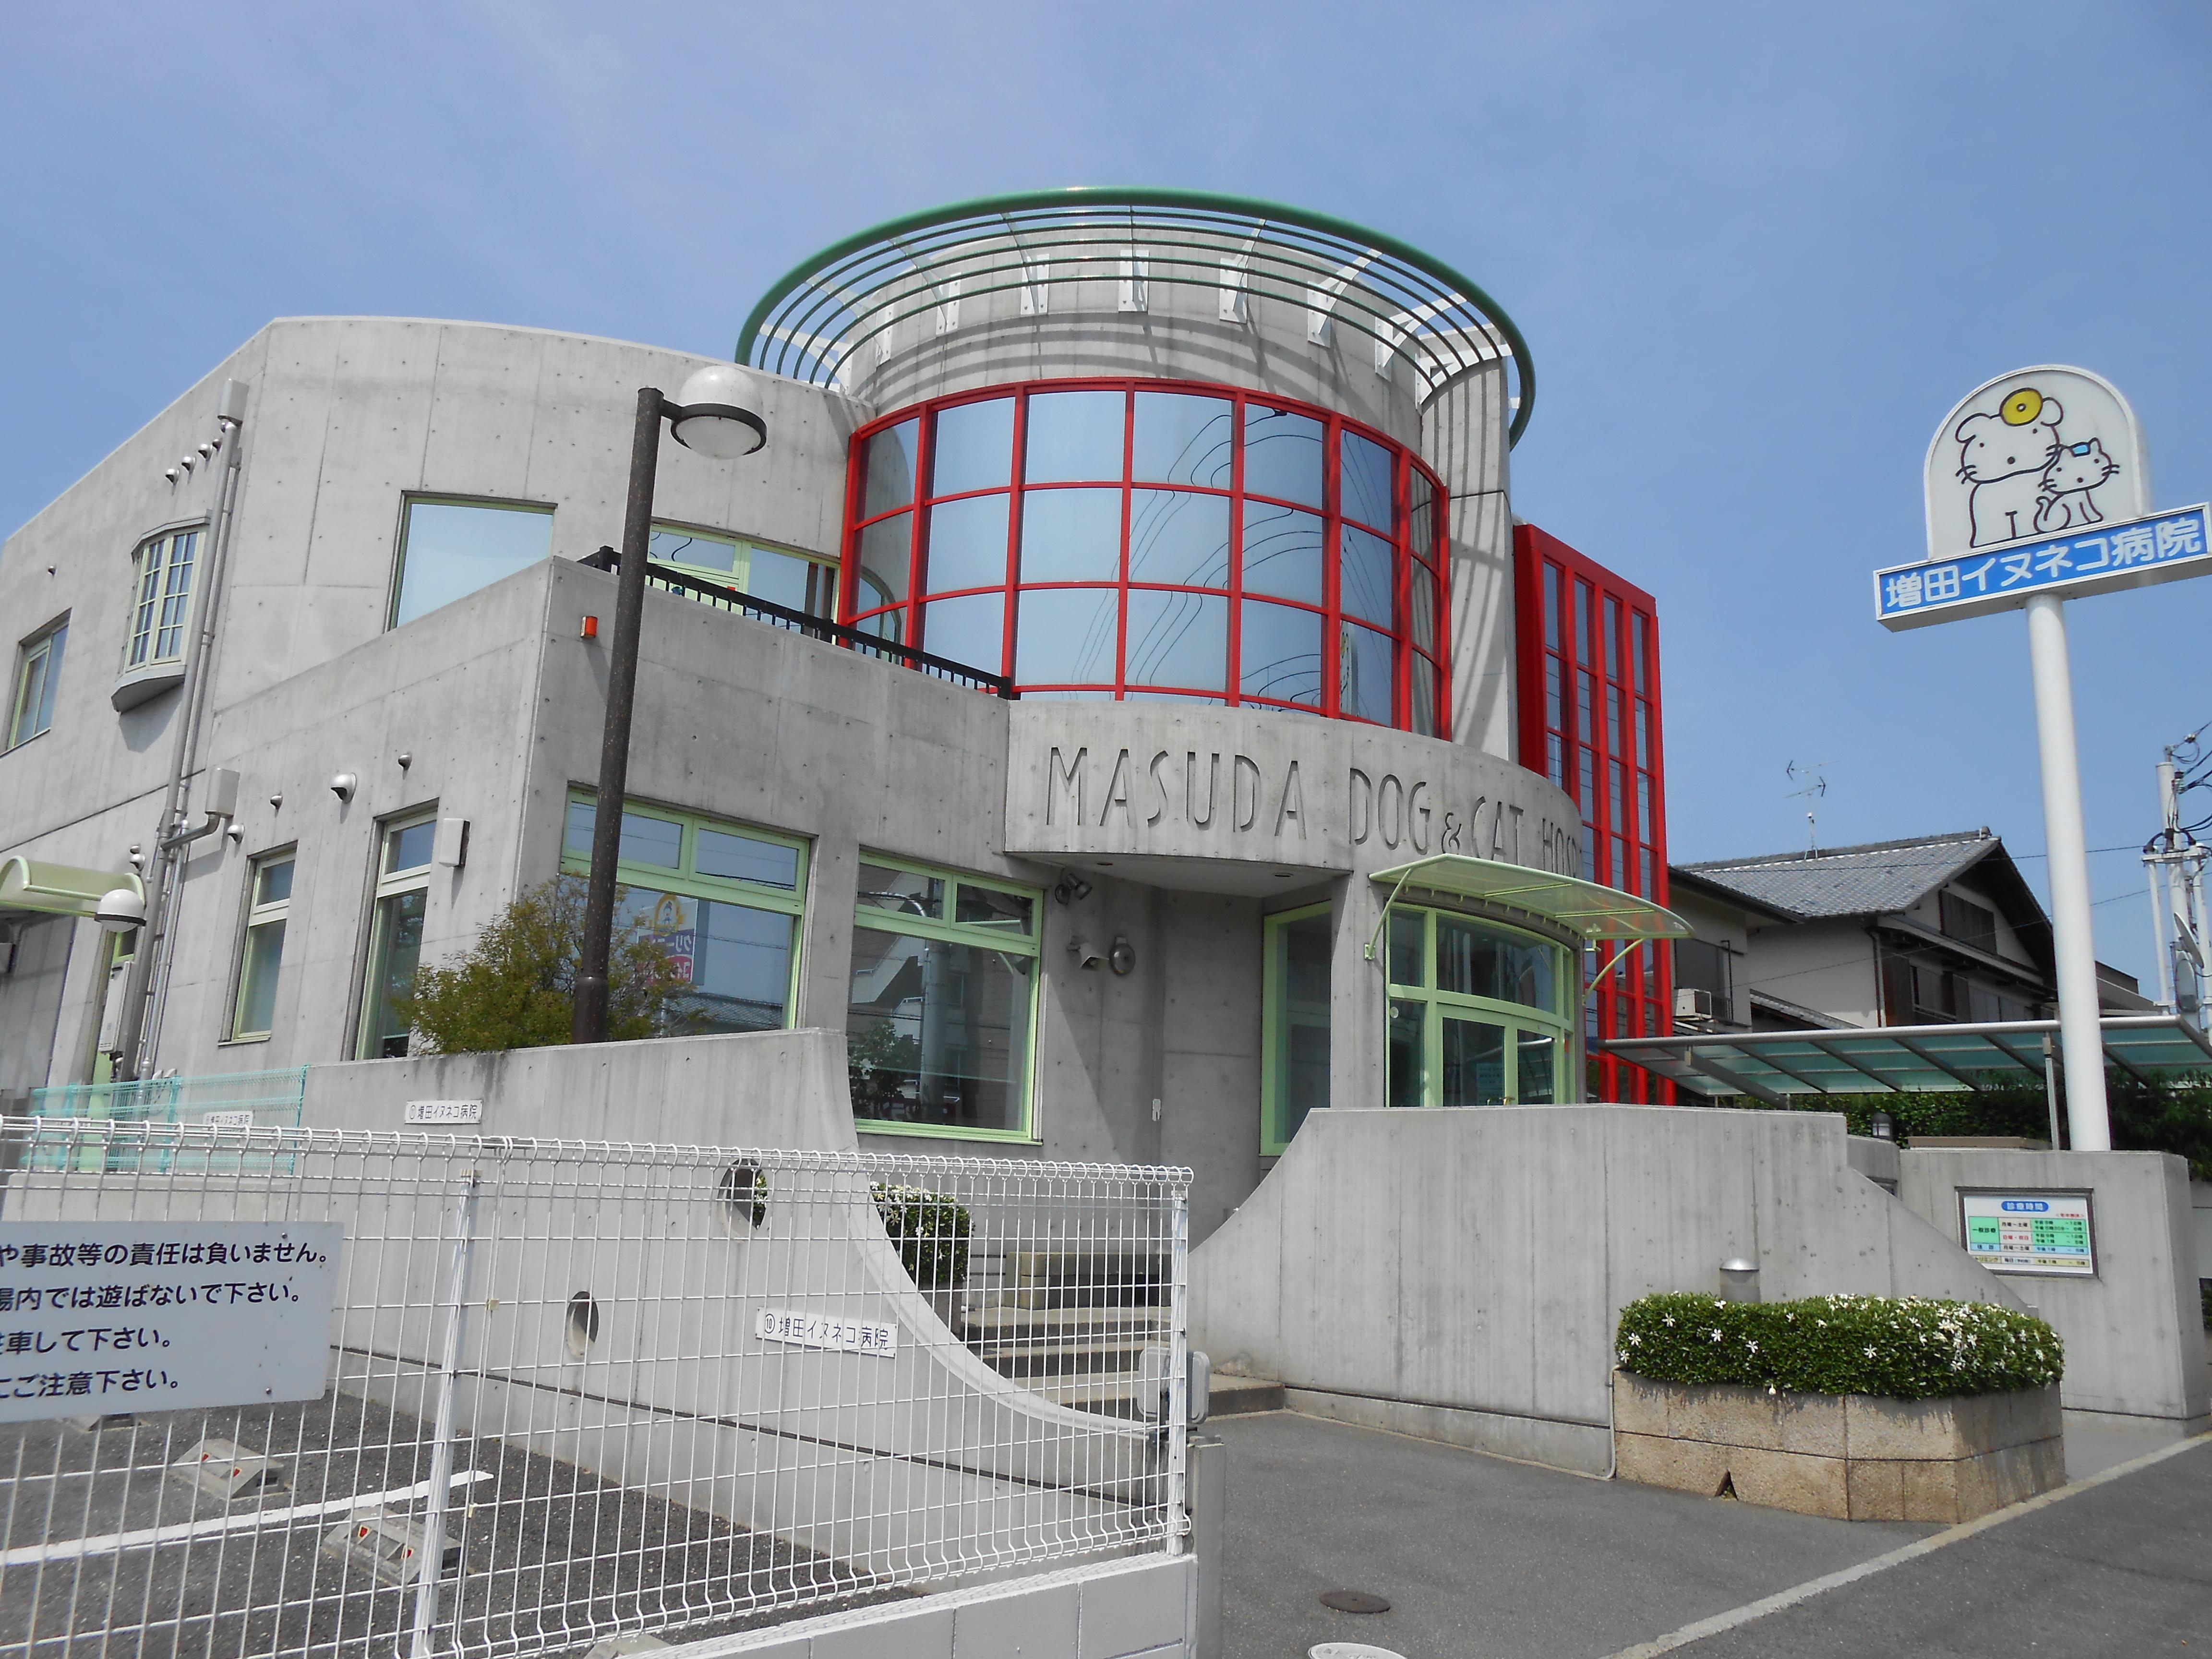 枚方市(くずは)の動物病院で動物看護士を募集しています!